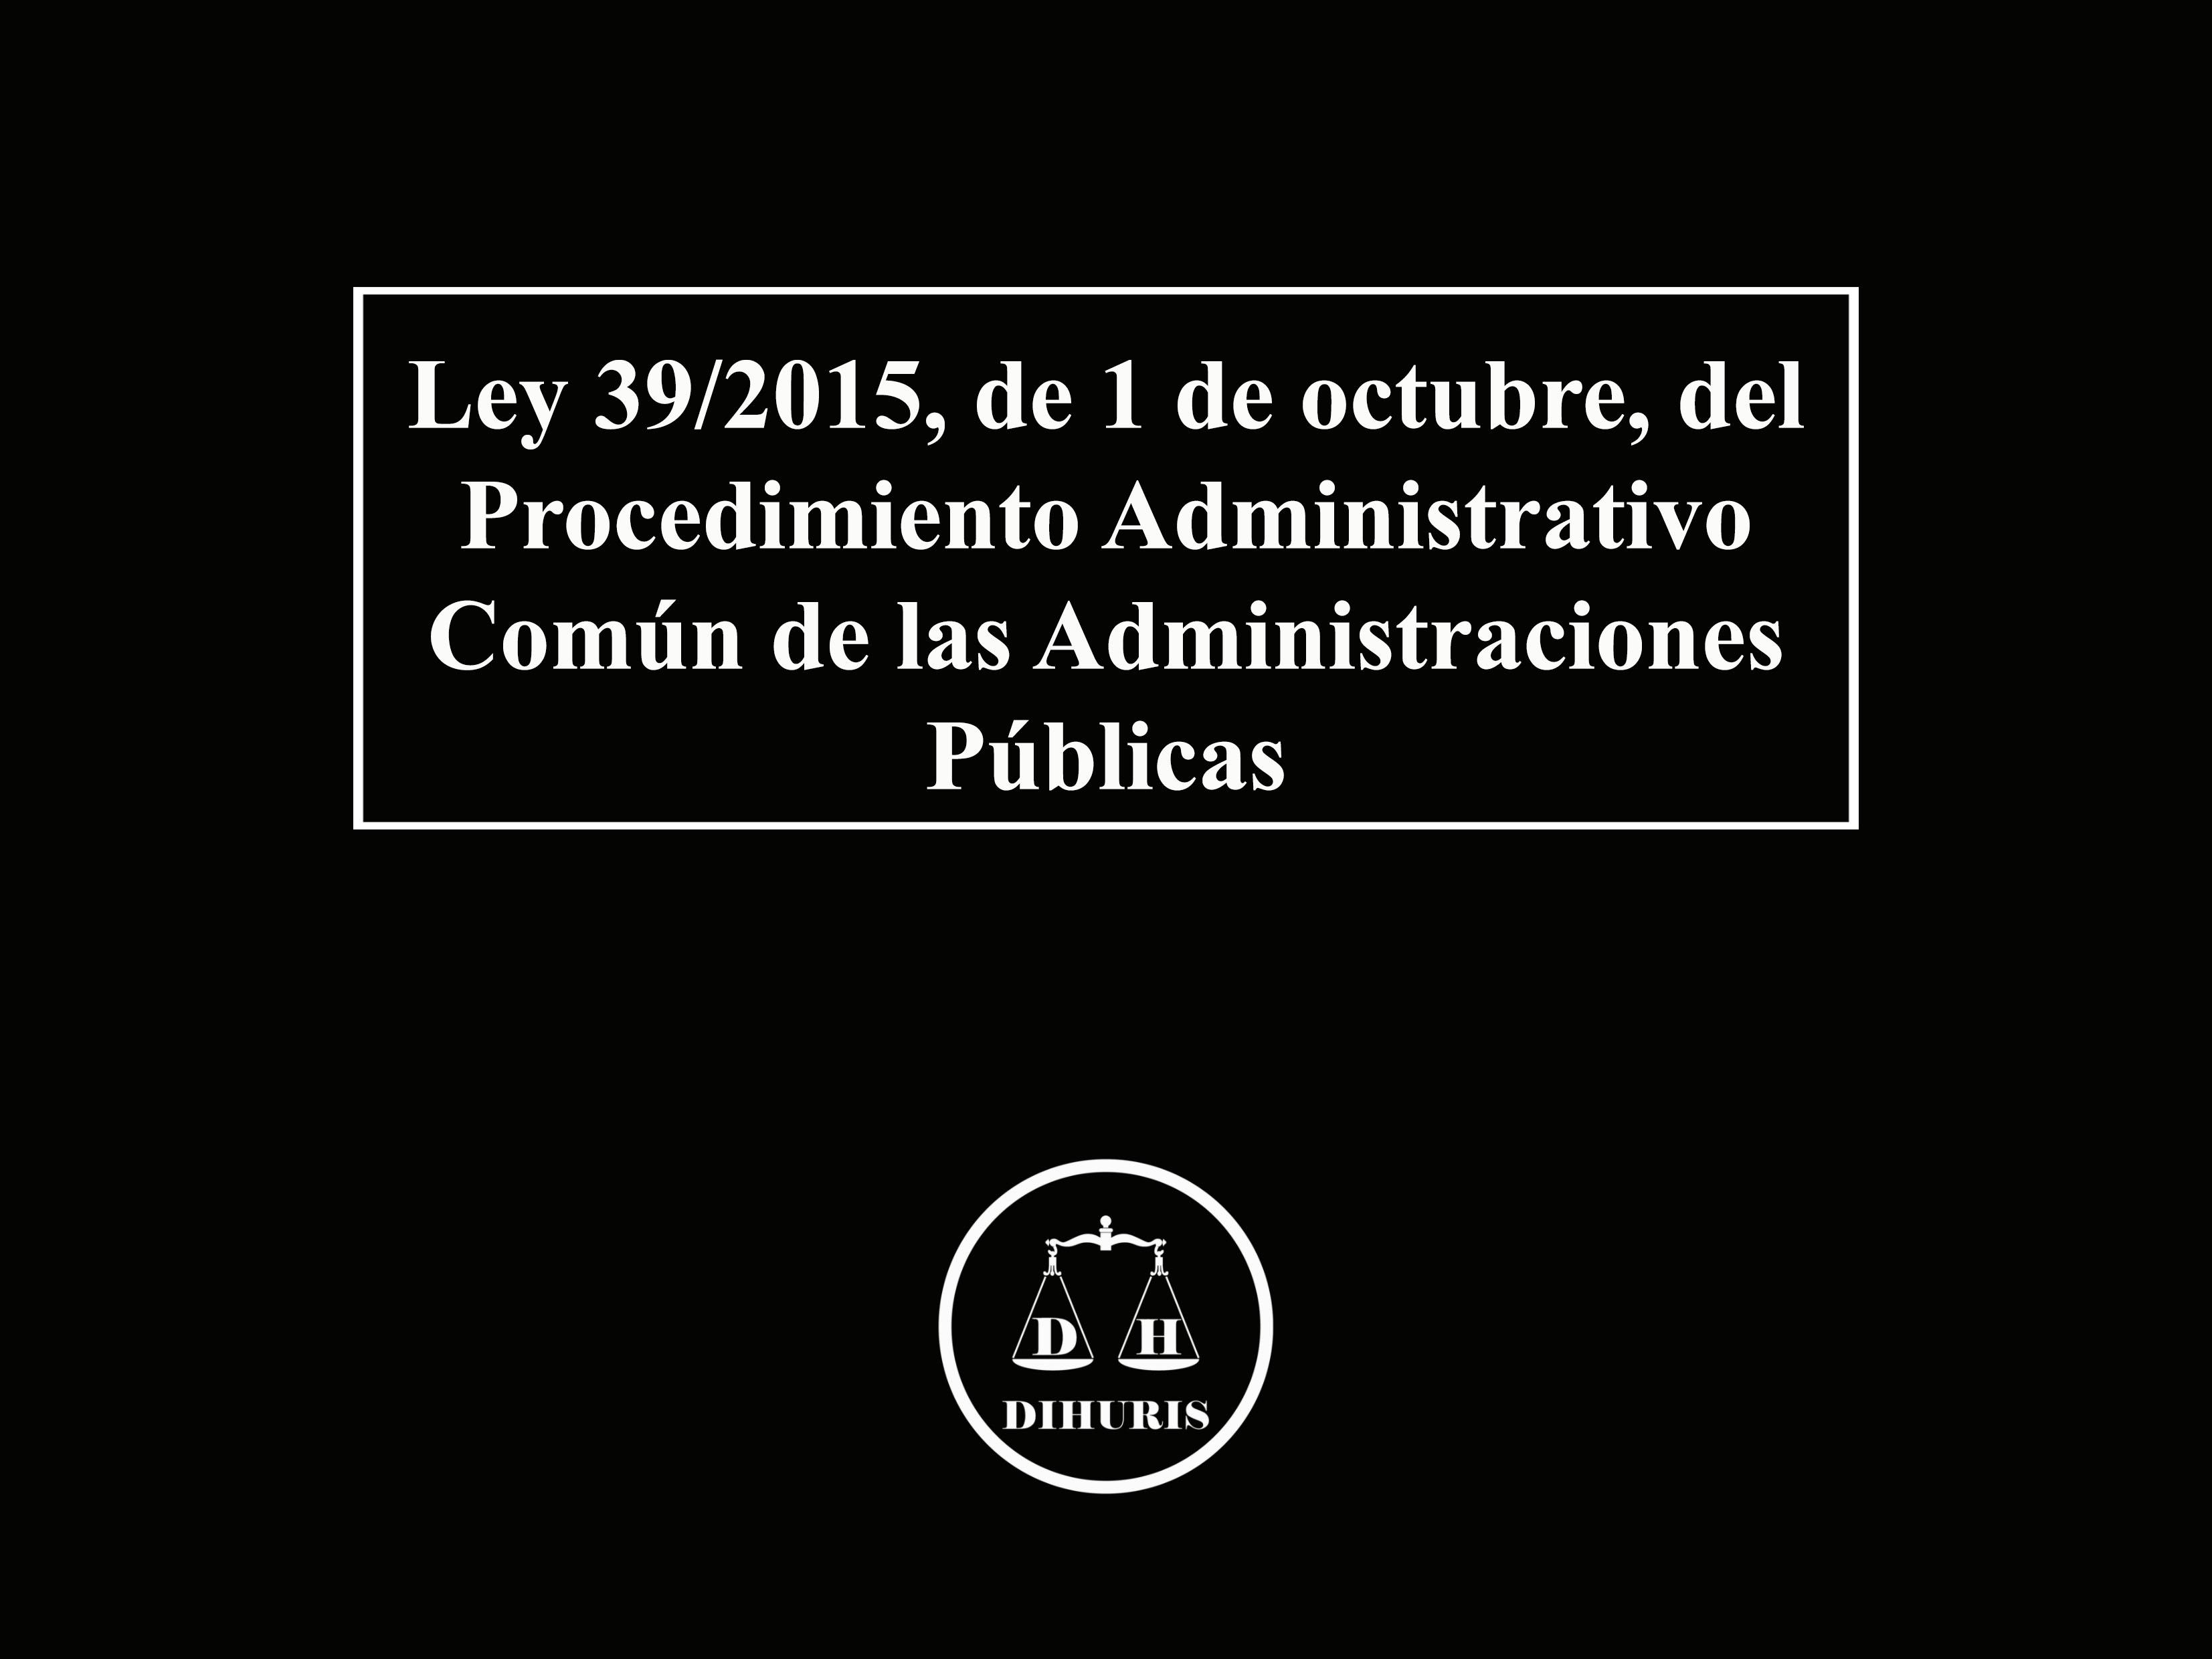 Las novedades del procedimiento administrativo com n en la for Las novedades